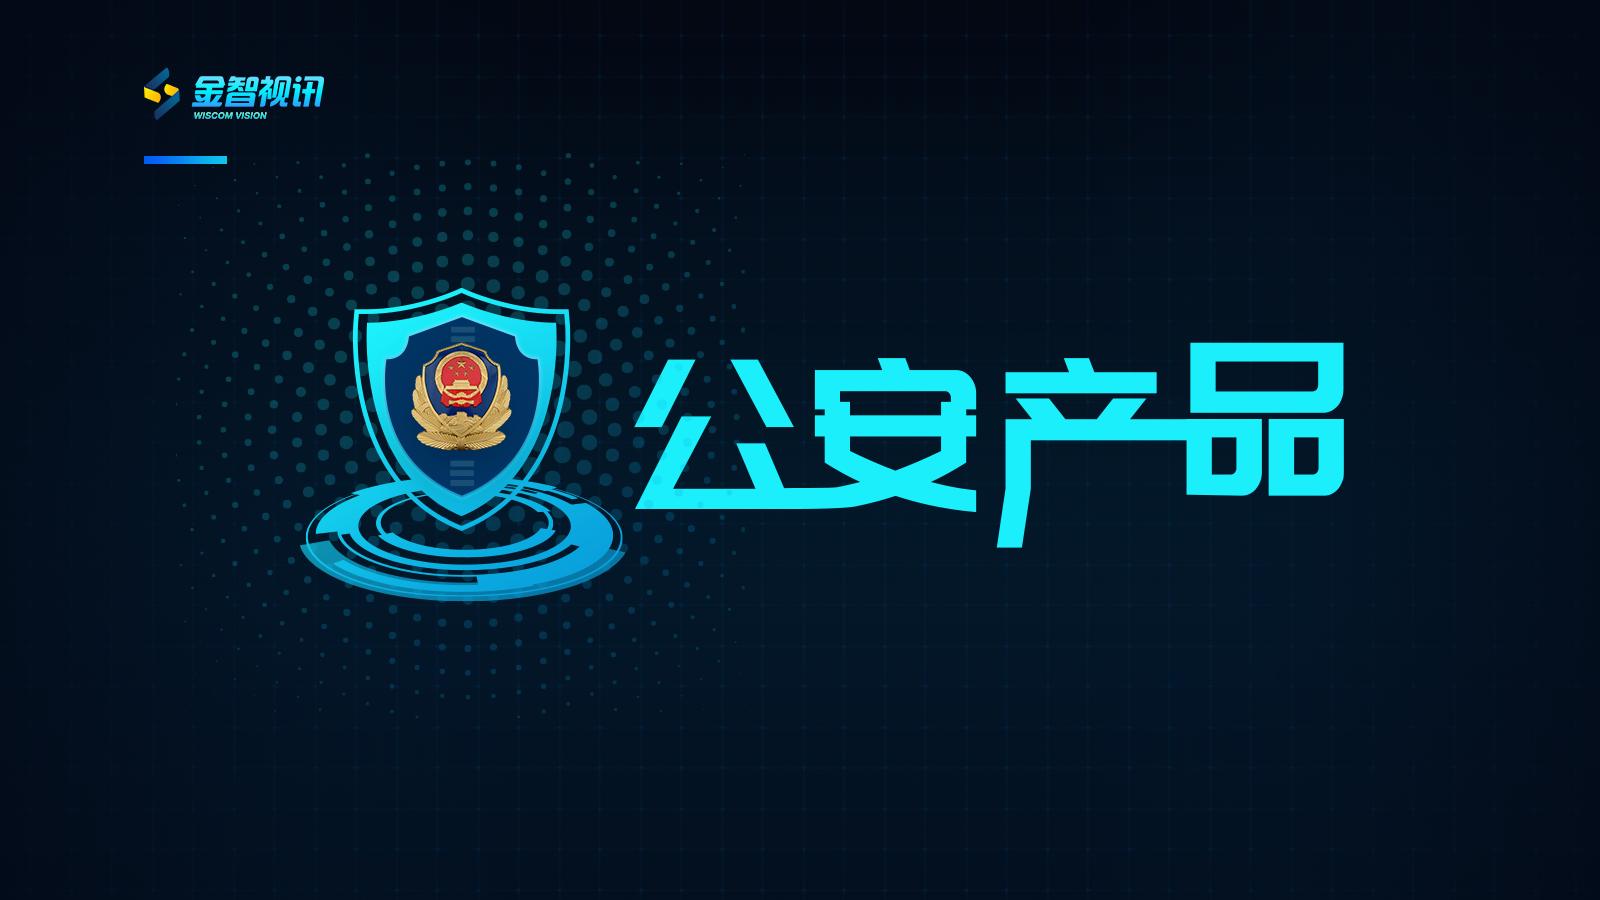 KingDPS公安大数据实战应用平台